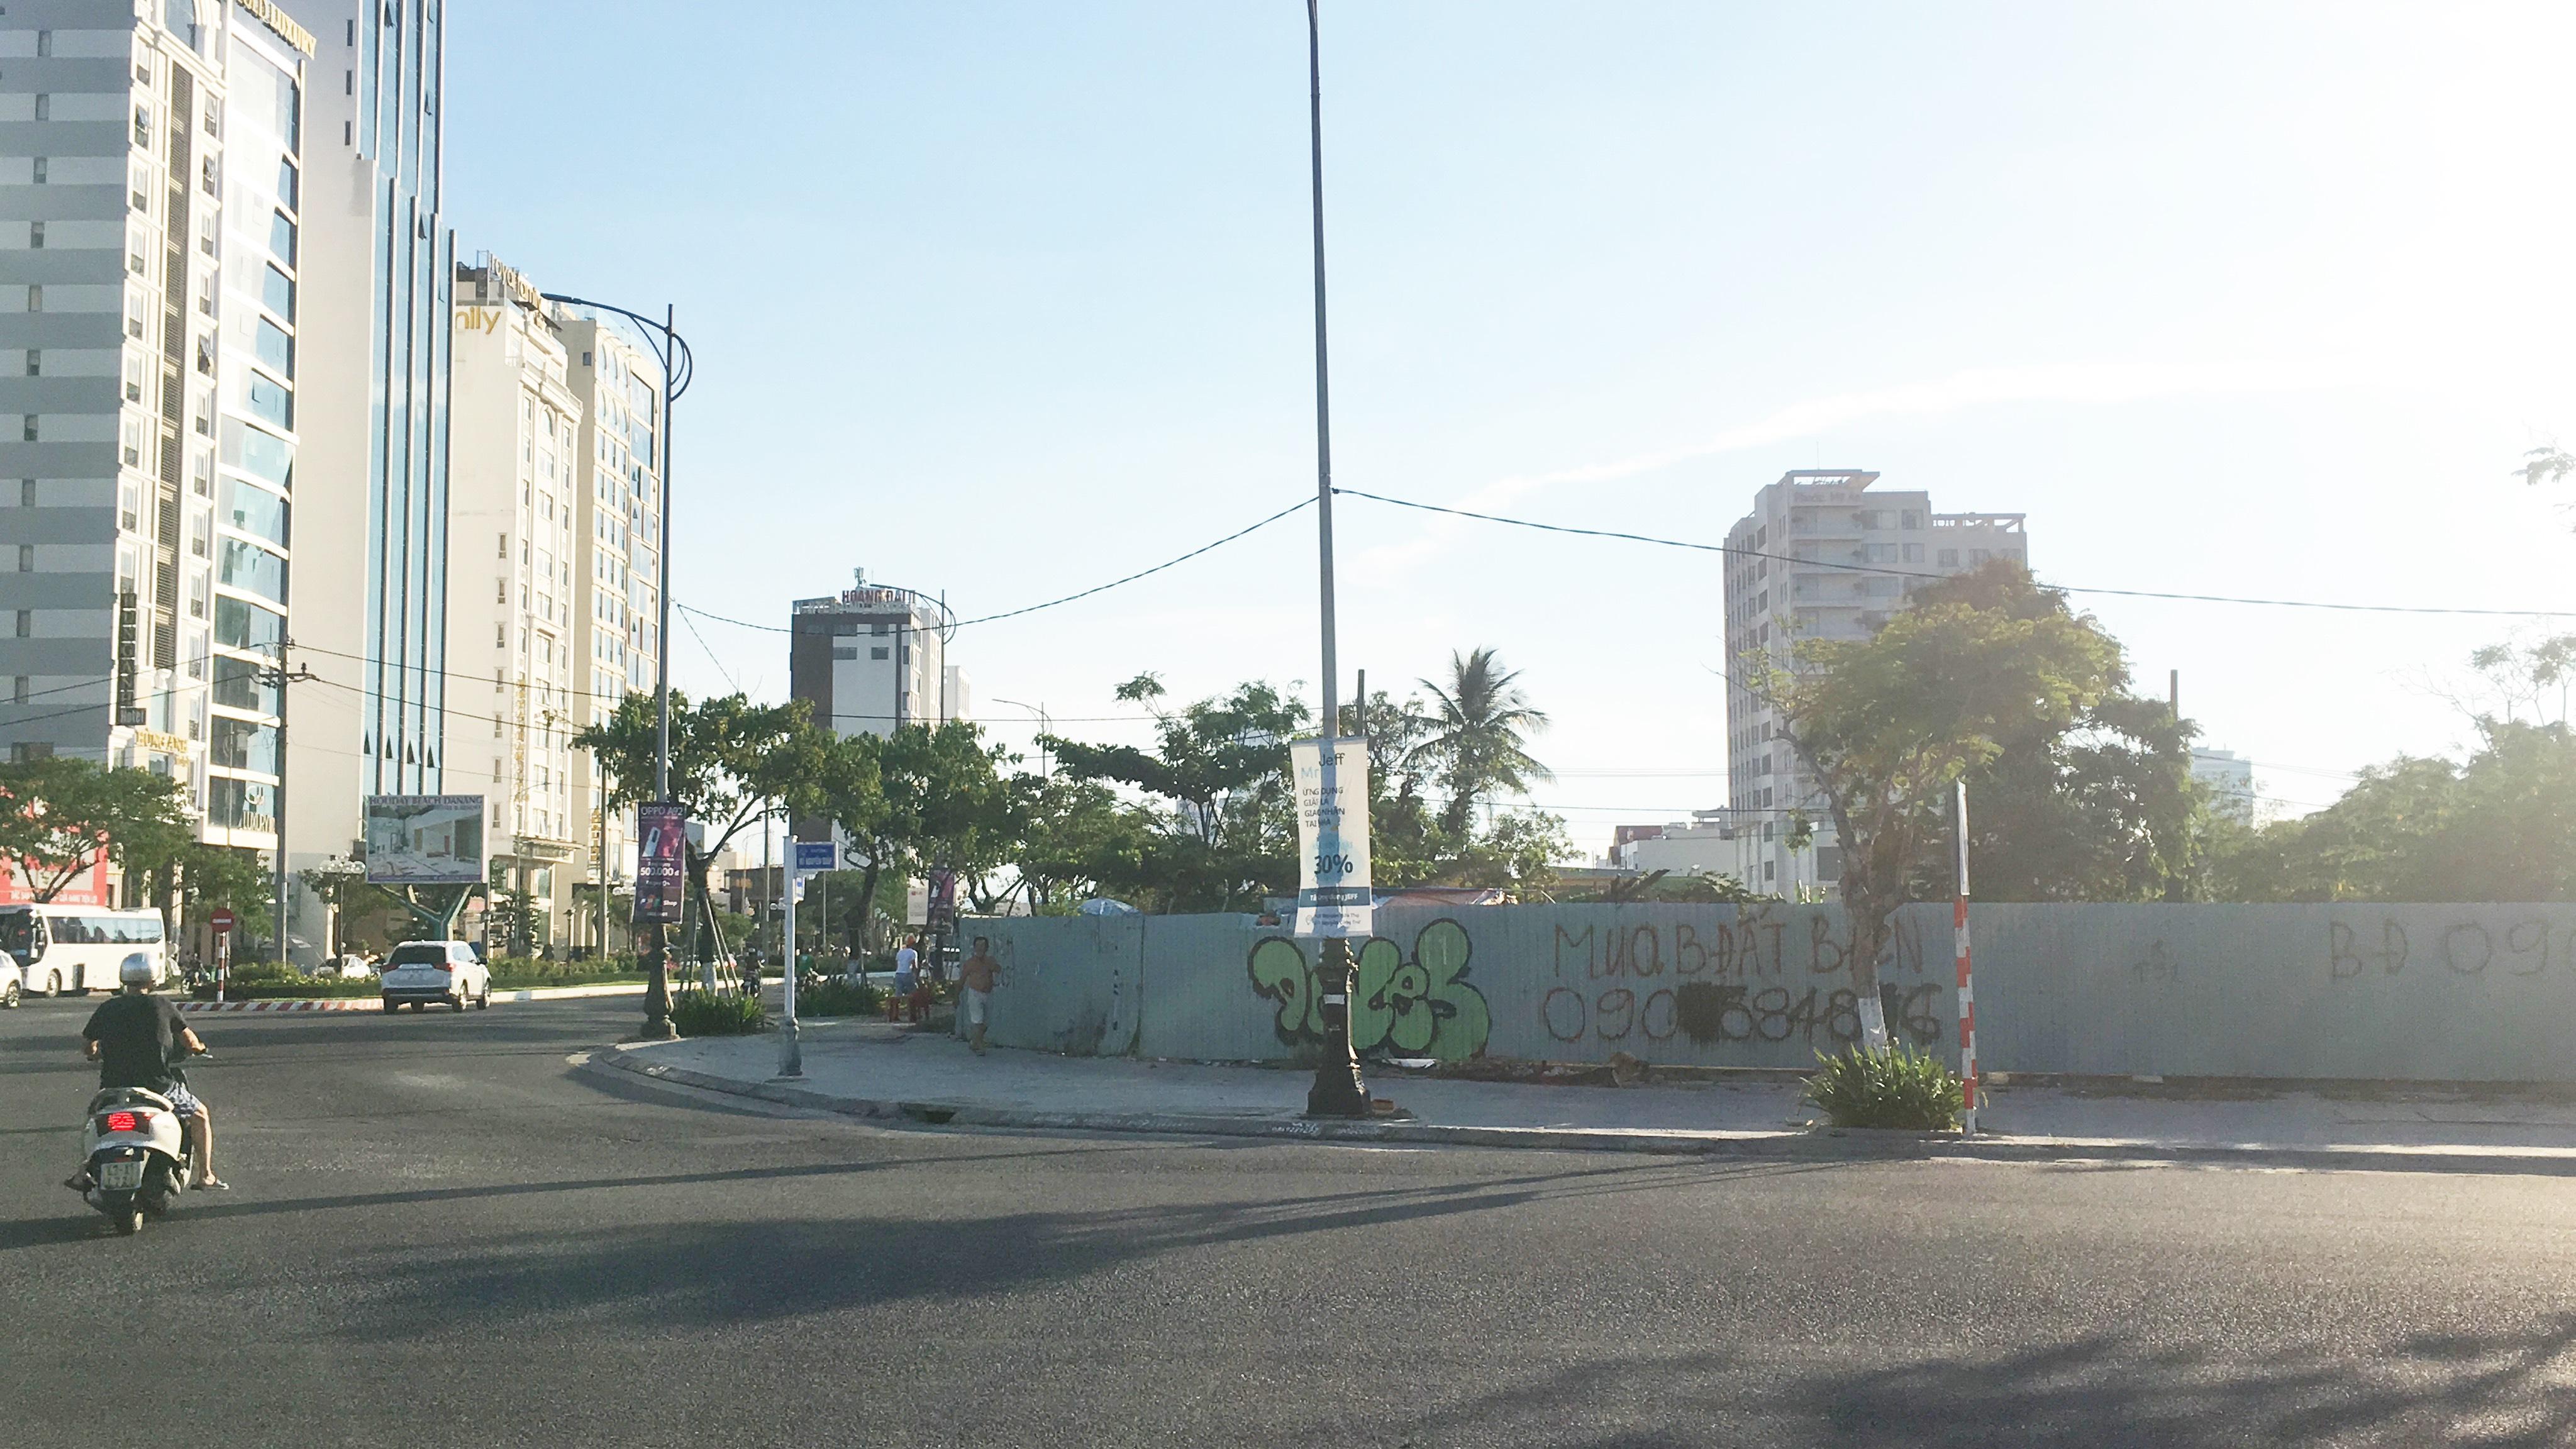 Cận cảnh khu đất ven biển Đà Nẵng sẽ đấu giá làm dự án Trung tâm tài chính, thương mại, casino 2 tỉ USD - Ảnh 1.